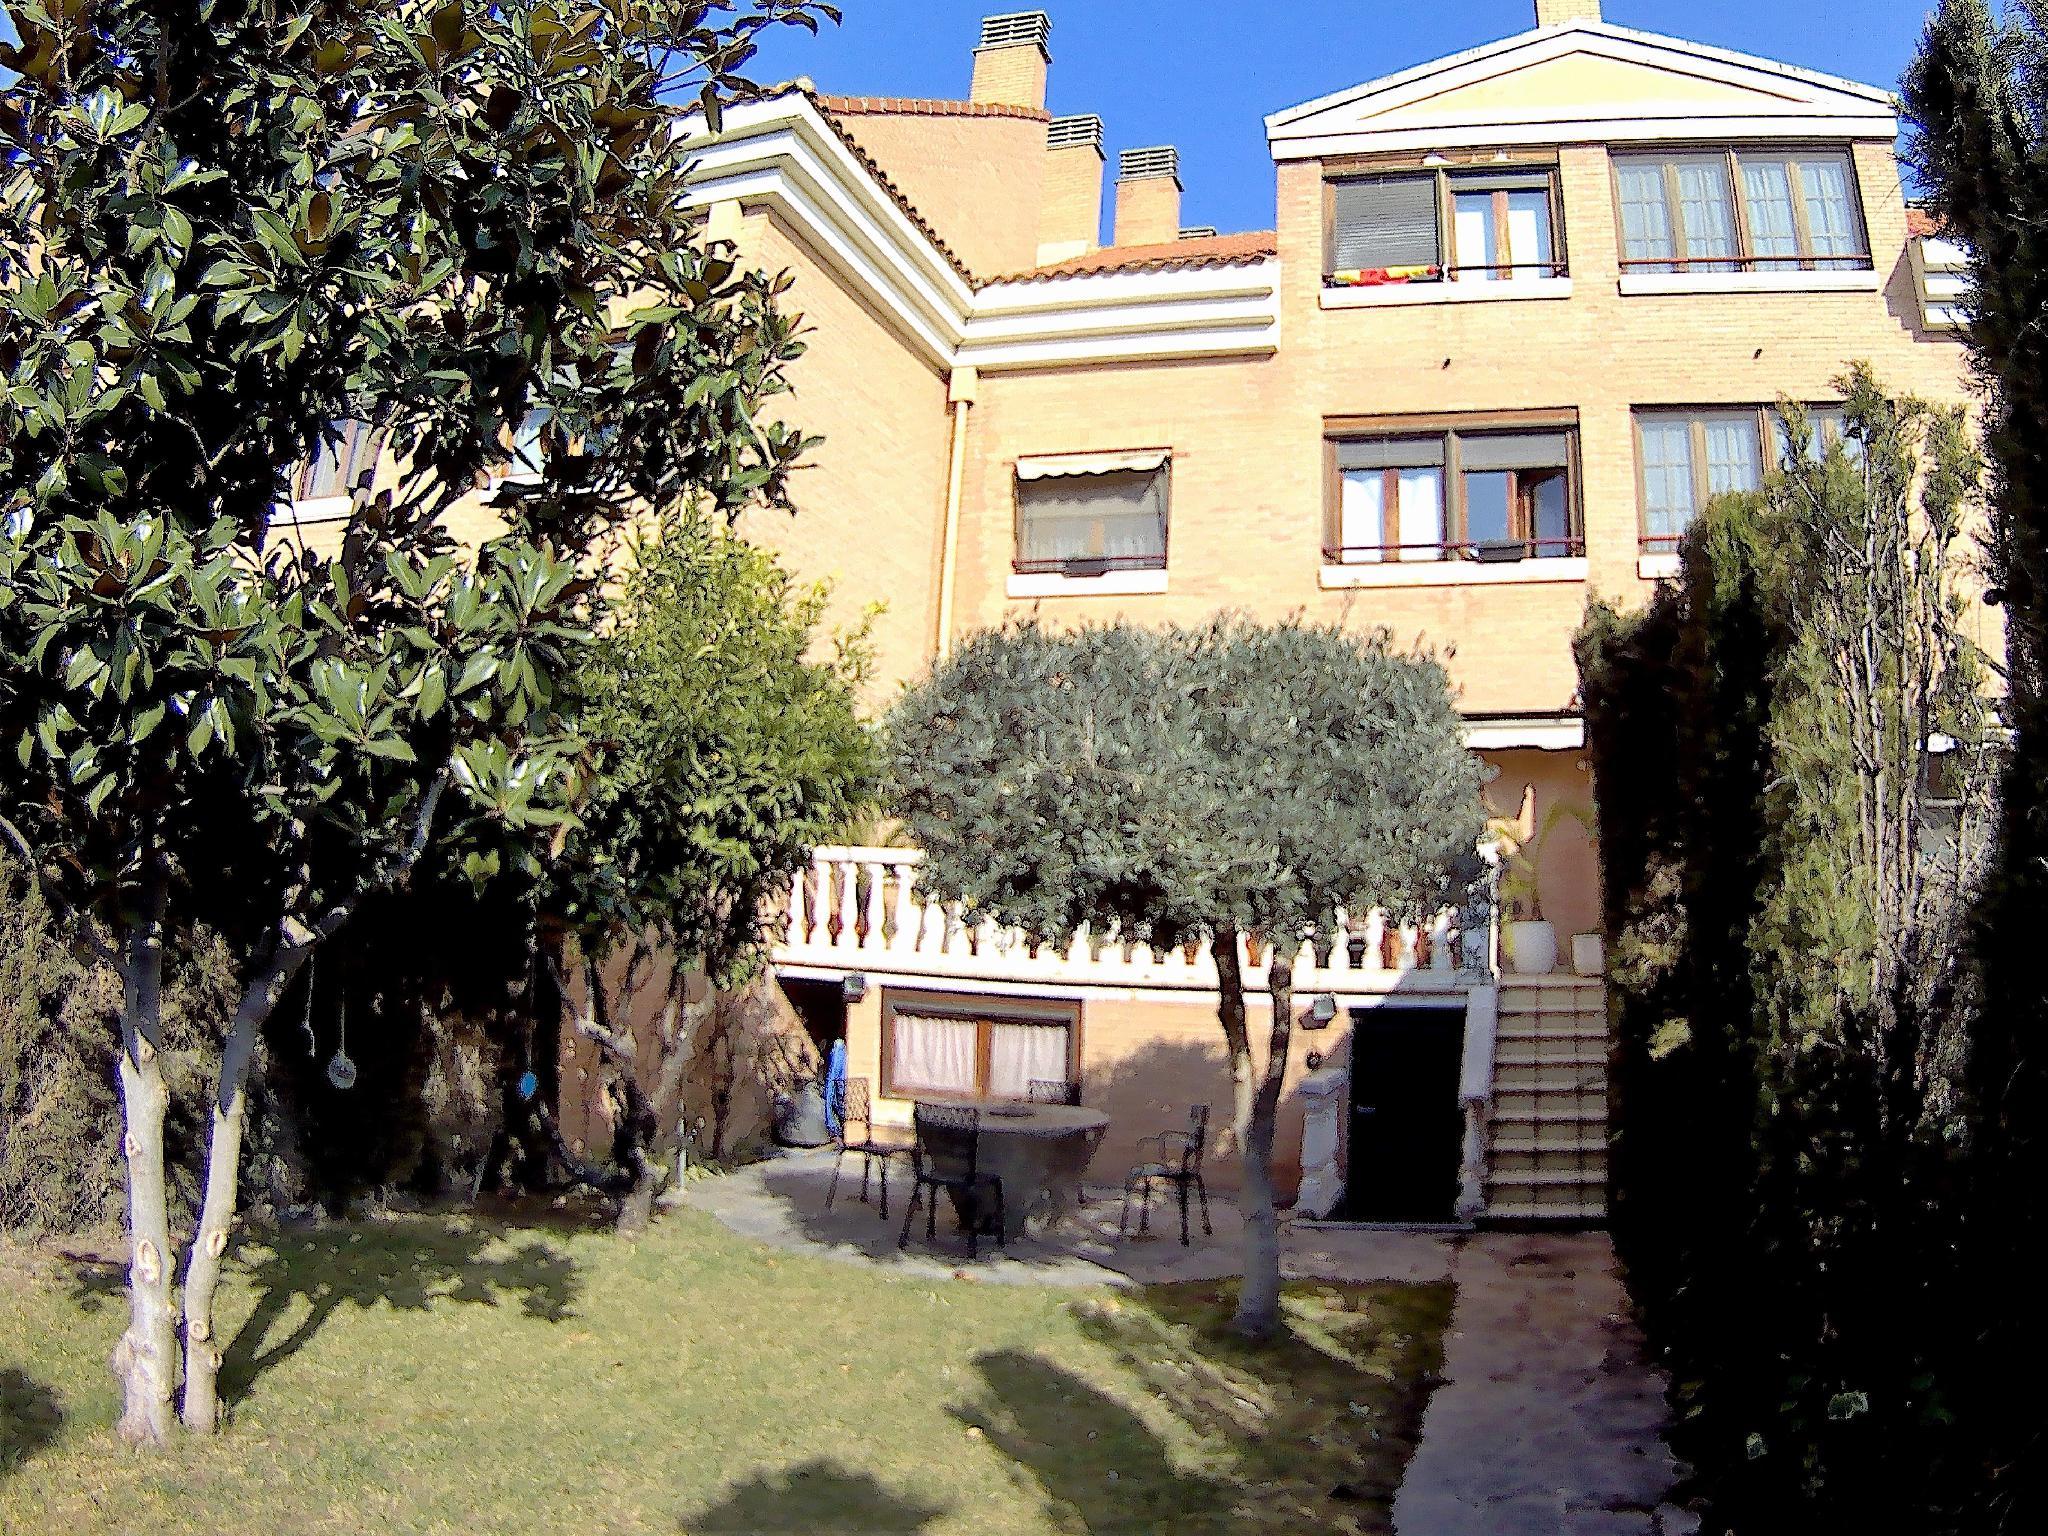 195609 - Urbanización Fuente de La Junquera. CASABLANCA